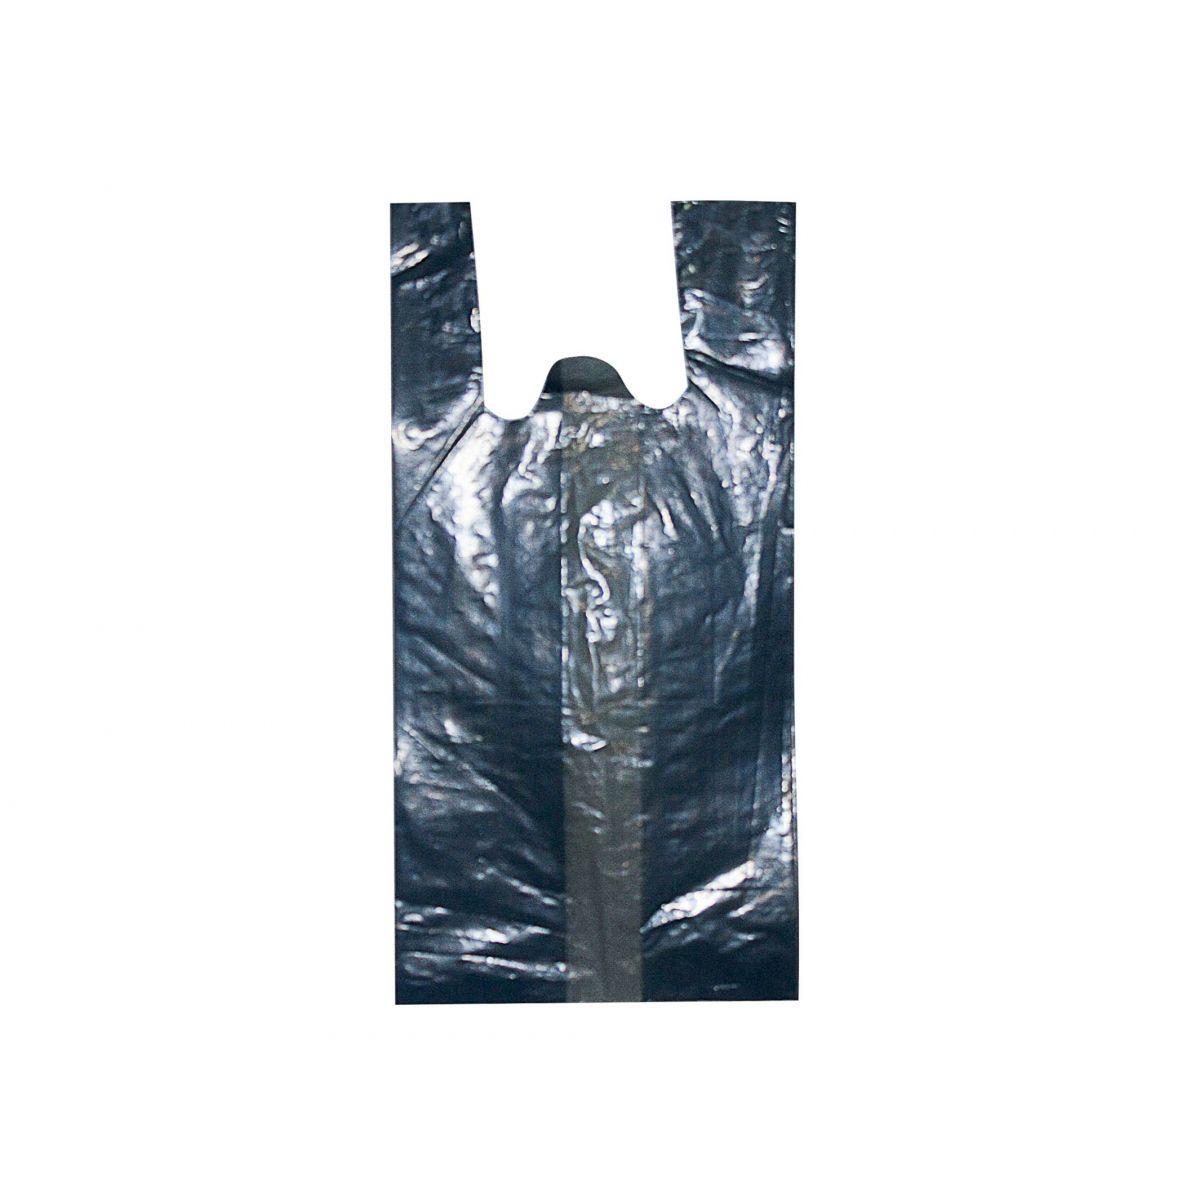 Sacola plástica Alça Camiseta - Preta Reciclada - 30x40cm - Pacote 450 unid (5 KG)